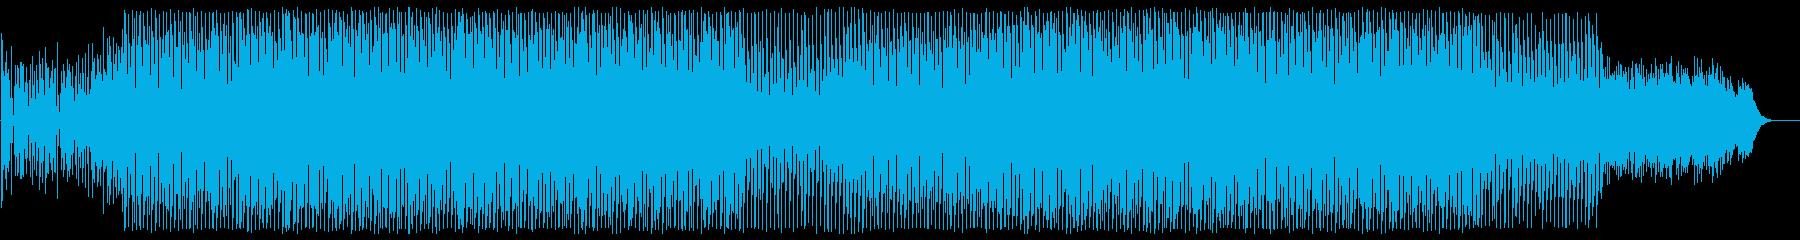 緩やかで穏やかなテクノポップの再生済みの波形